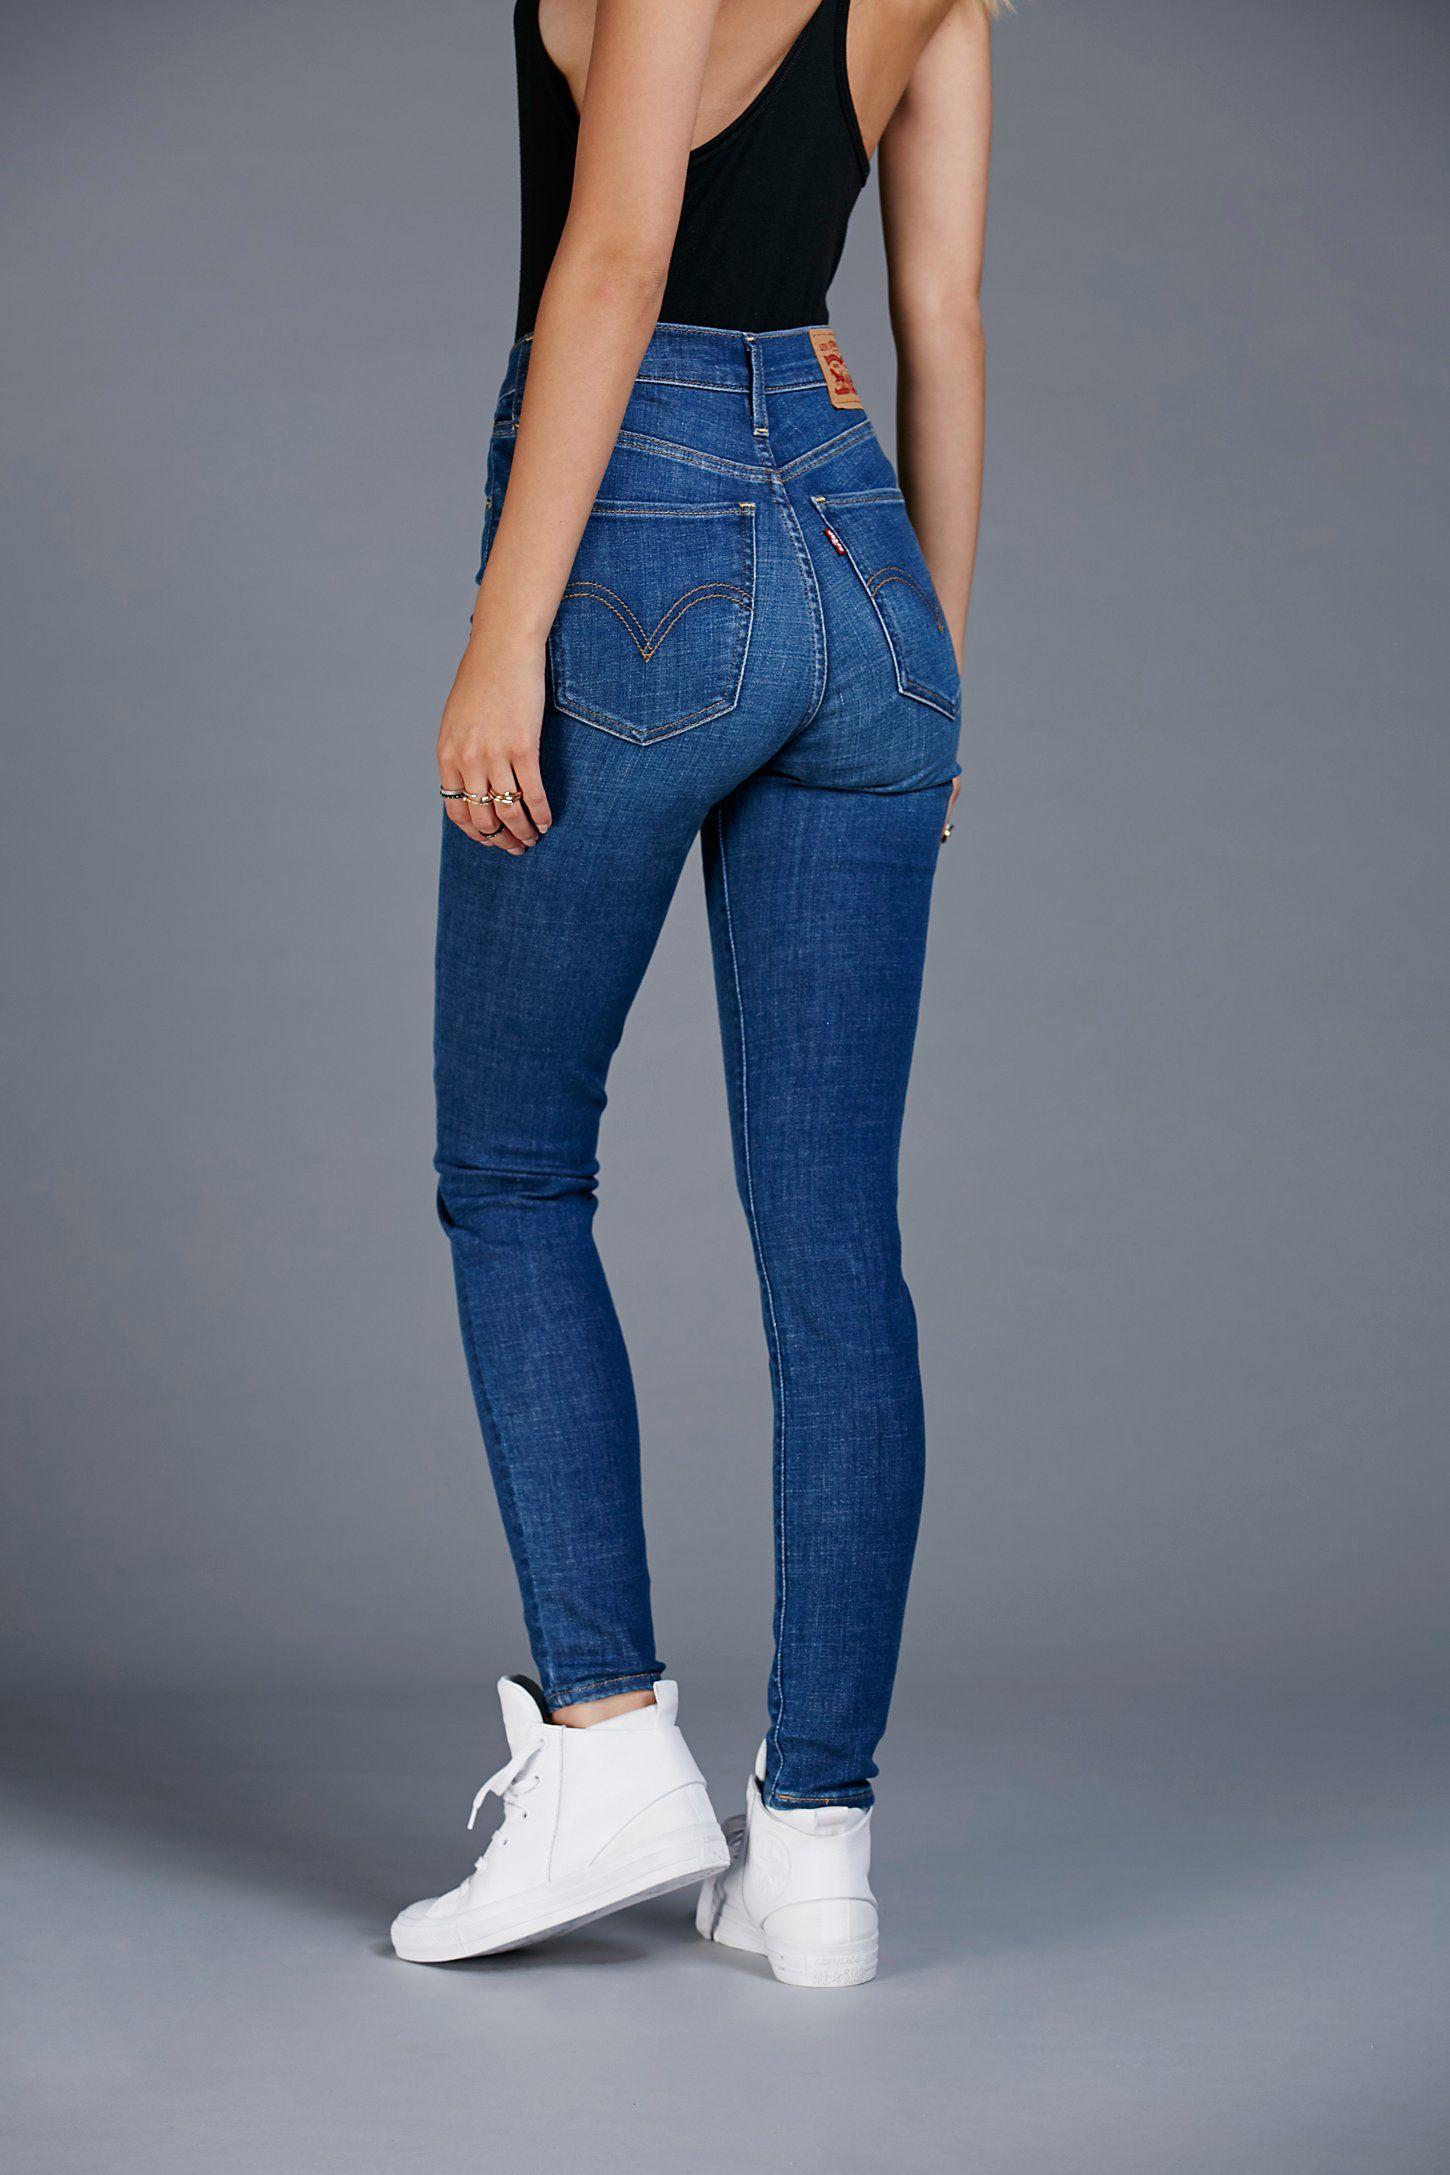 cc6b7f770e1 Levi s Mile High Super Skinny Jeans en 2019